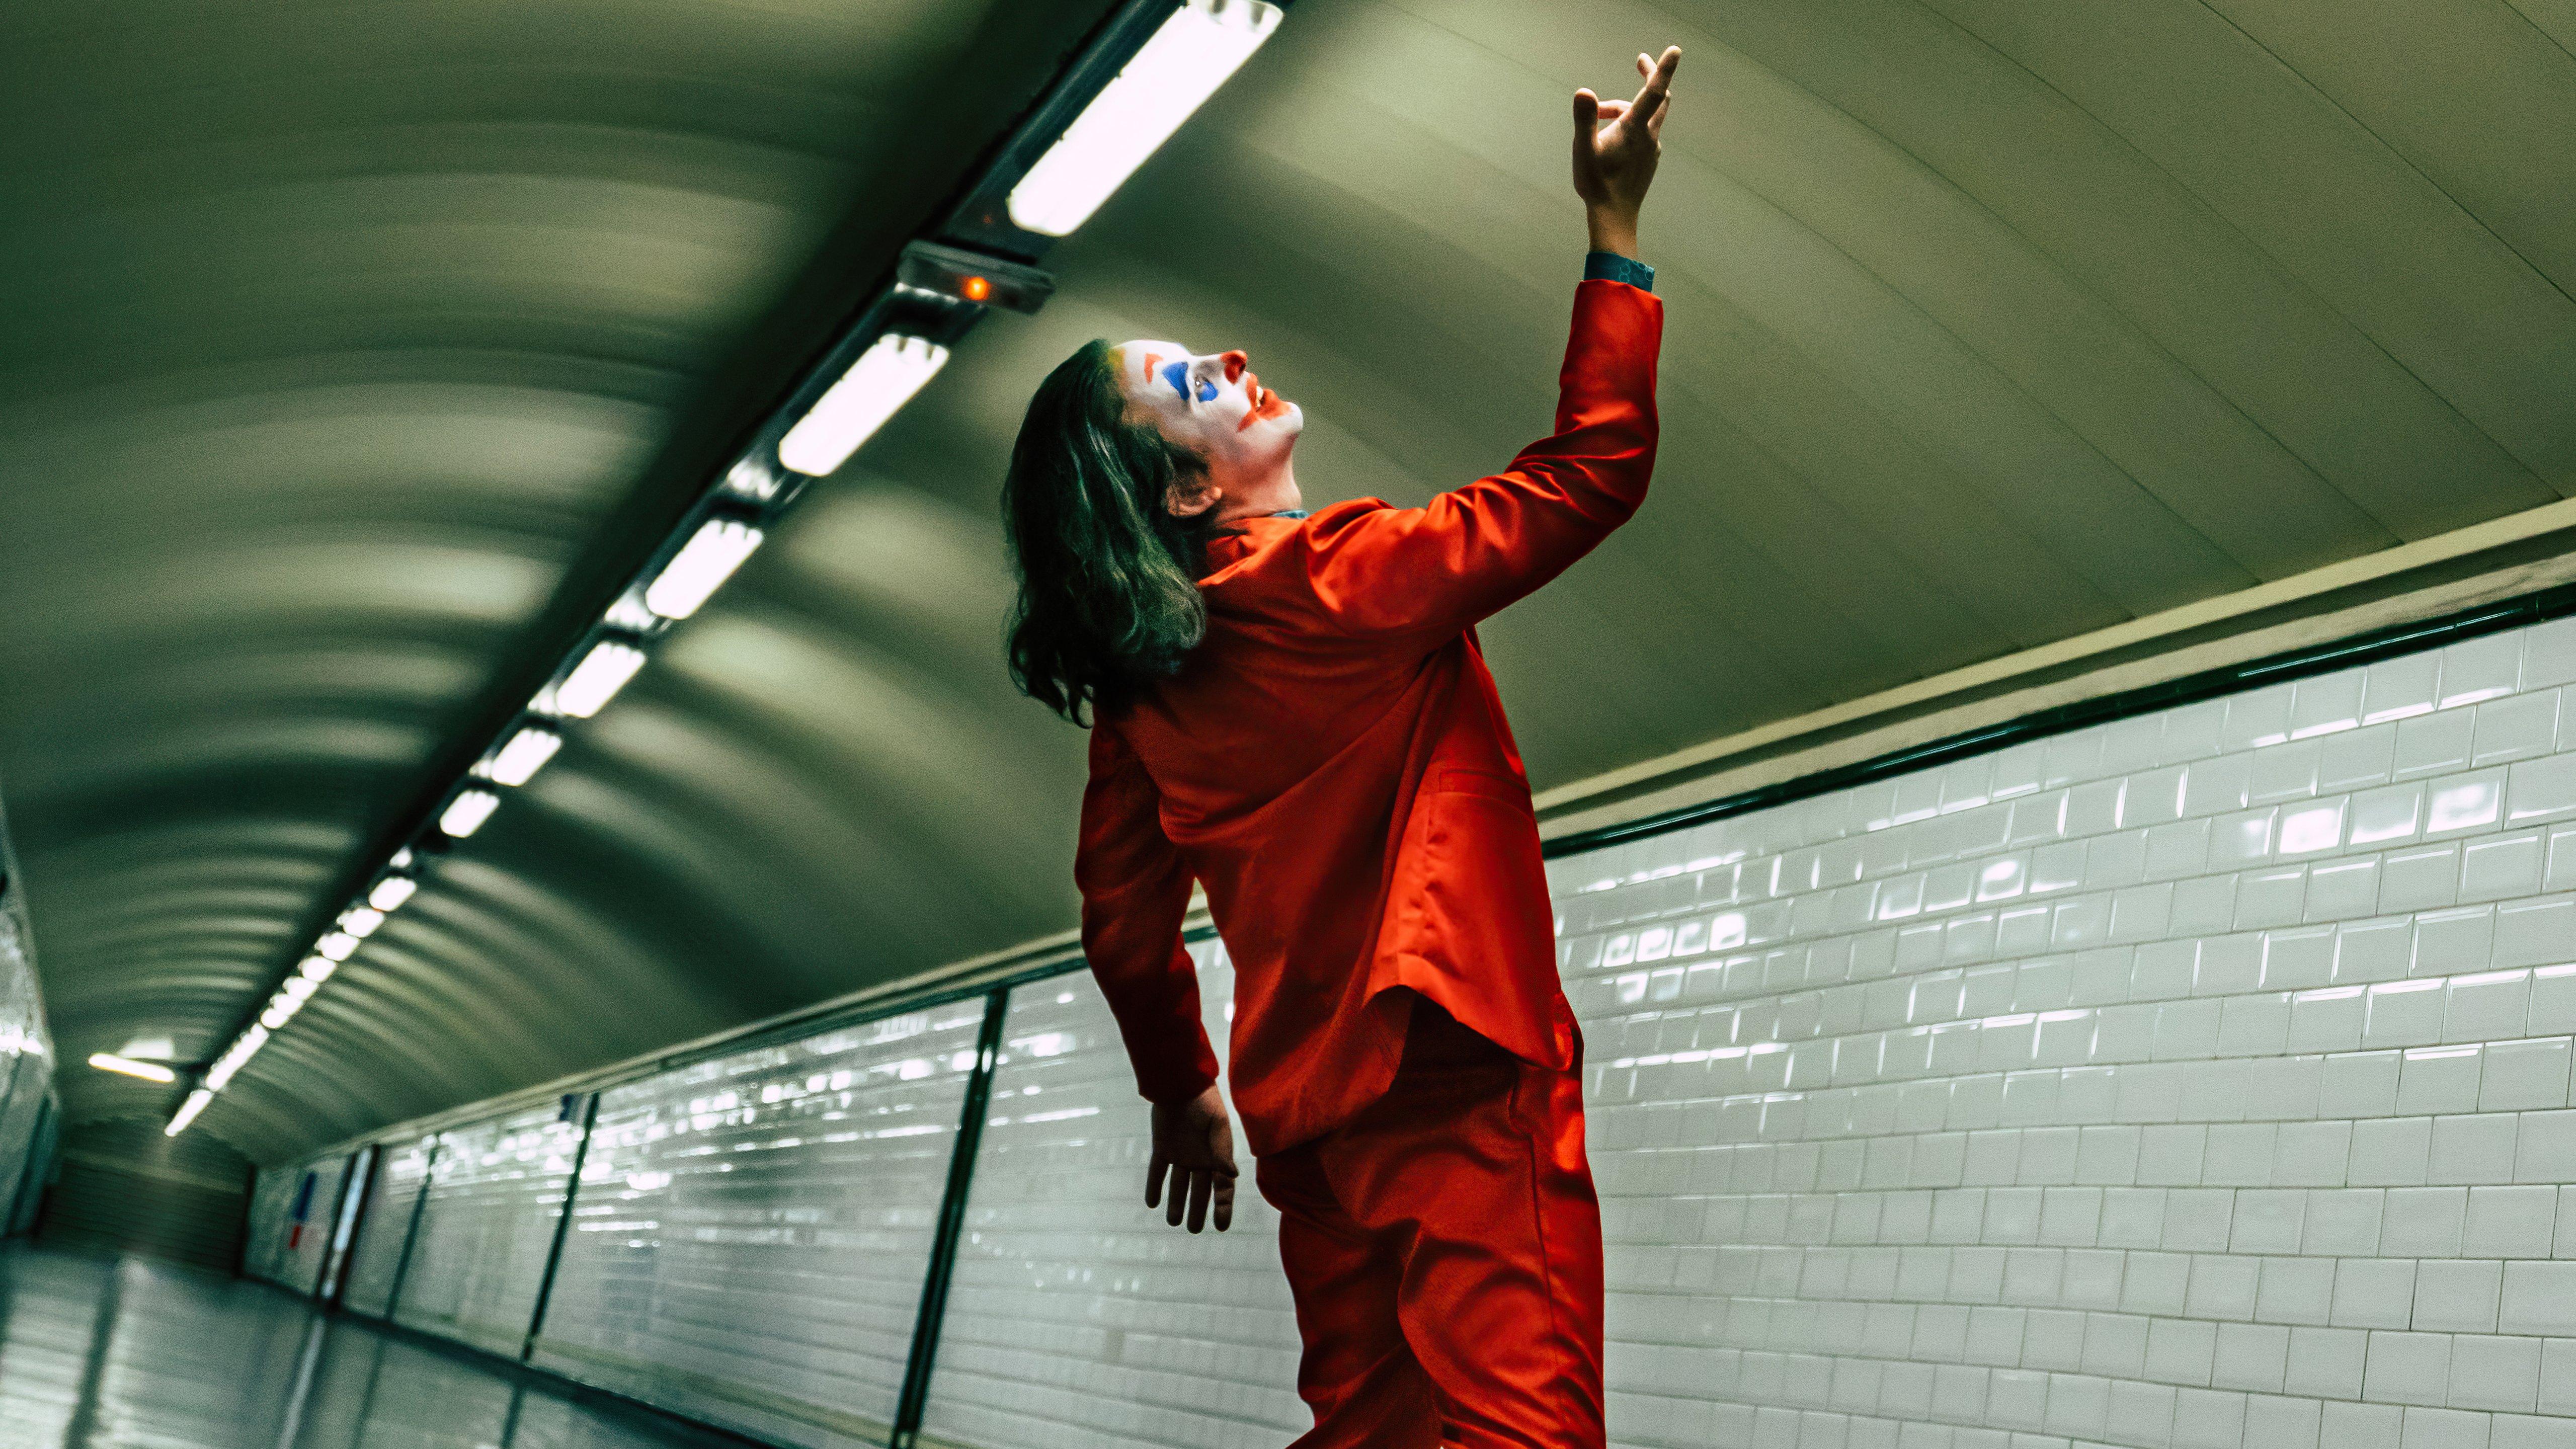 Wallpaper Joker on train station